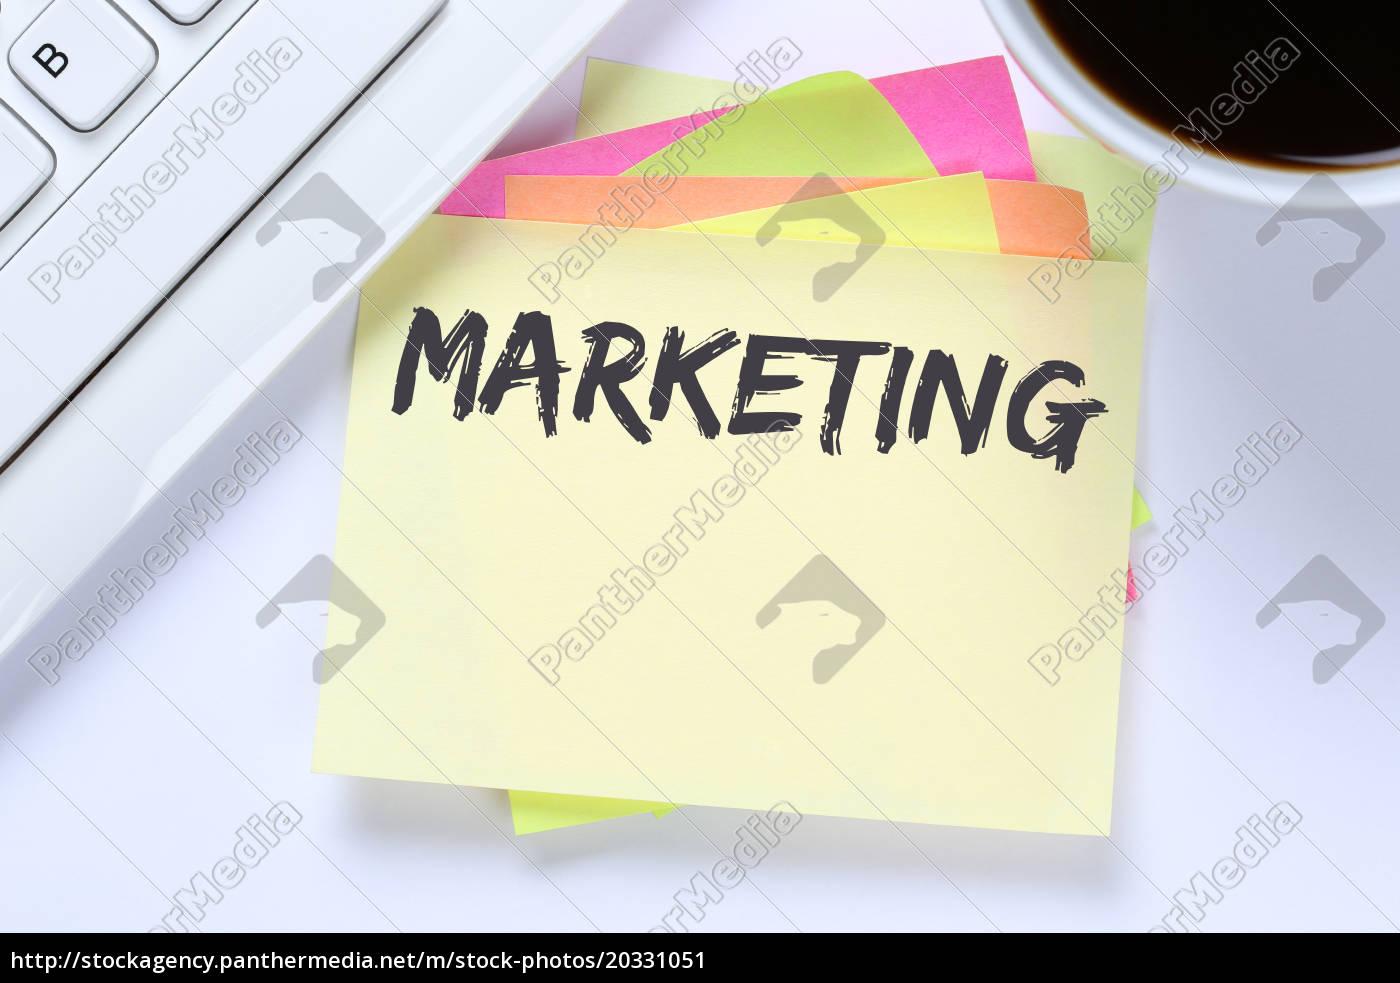 Stockfoto 20331051   Marketing Werbung Firma Büro Business Schreibtisch